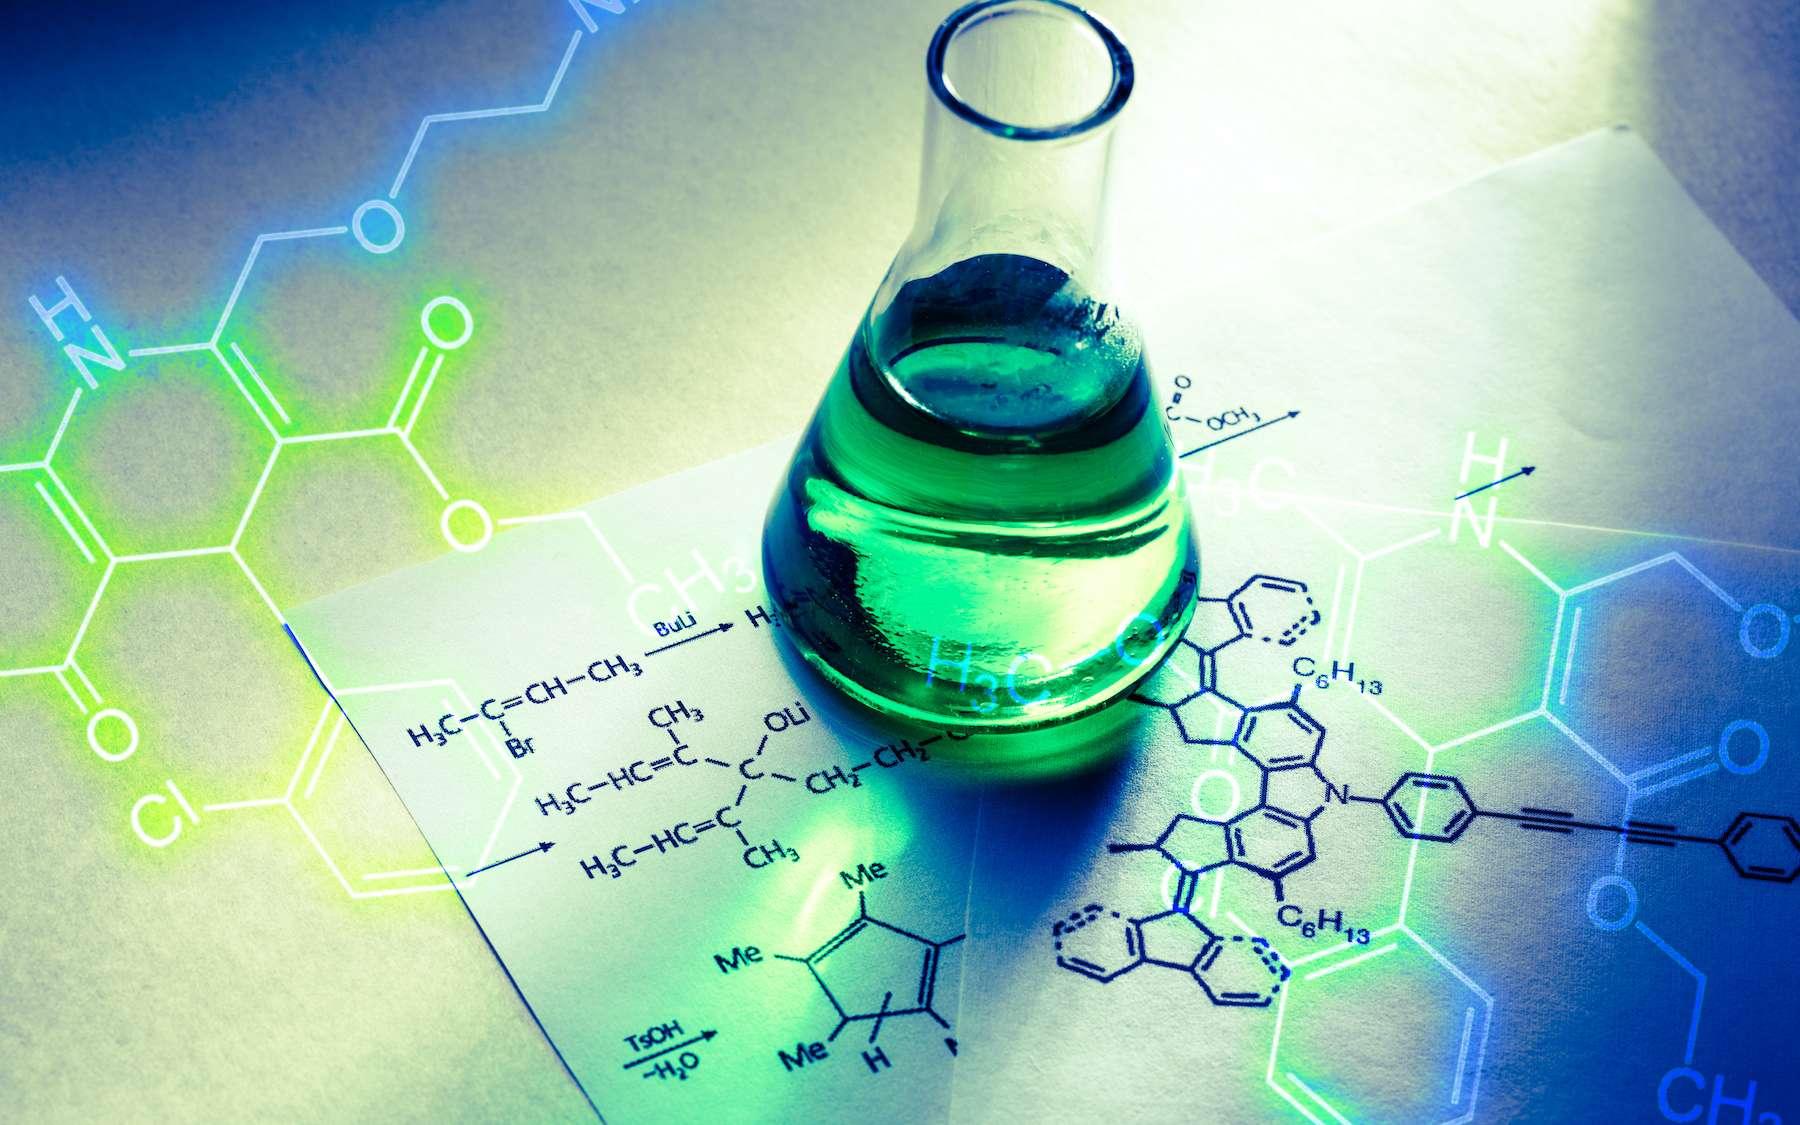 Les acides de Lewis sont des catalyseurs importants en chimie organique. © Sergey Yarochkin, Adobe Stock